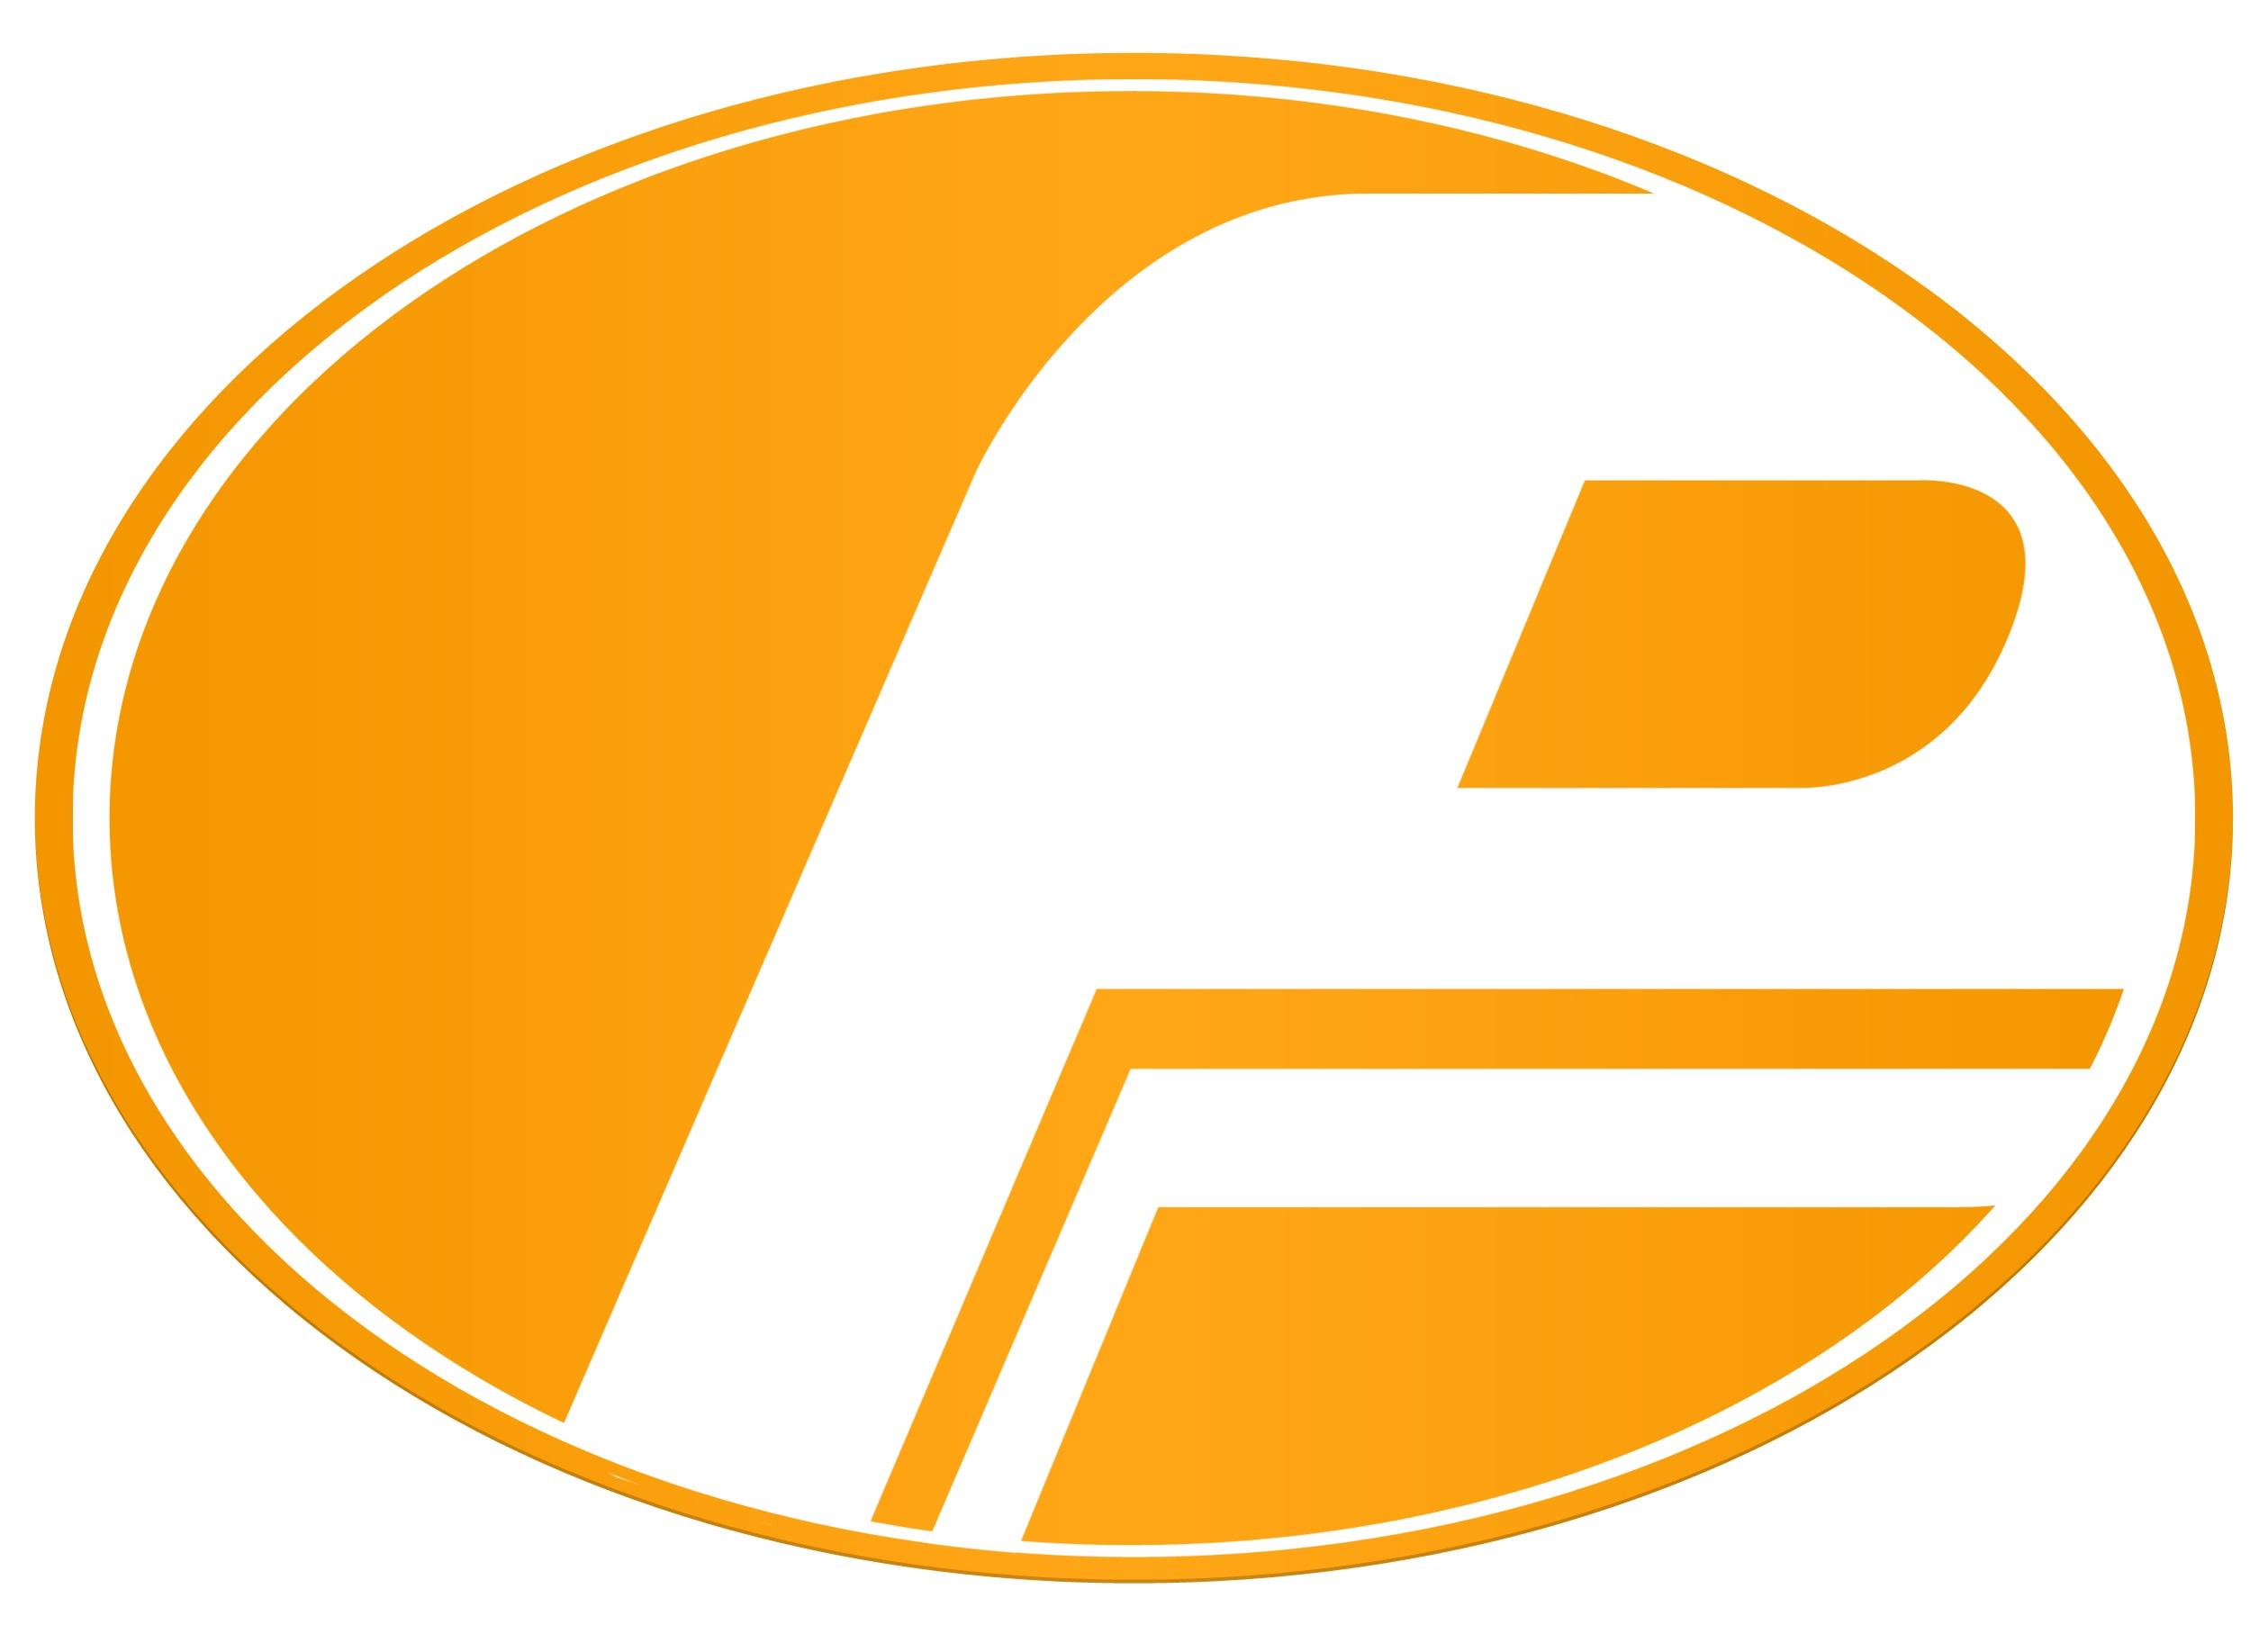 Logomarca Plena Grupo FUNDO BRANCO LOGOTIPO